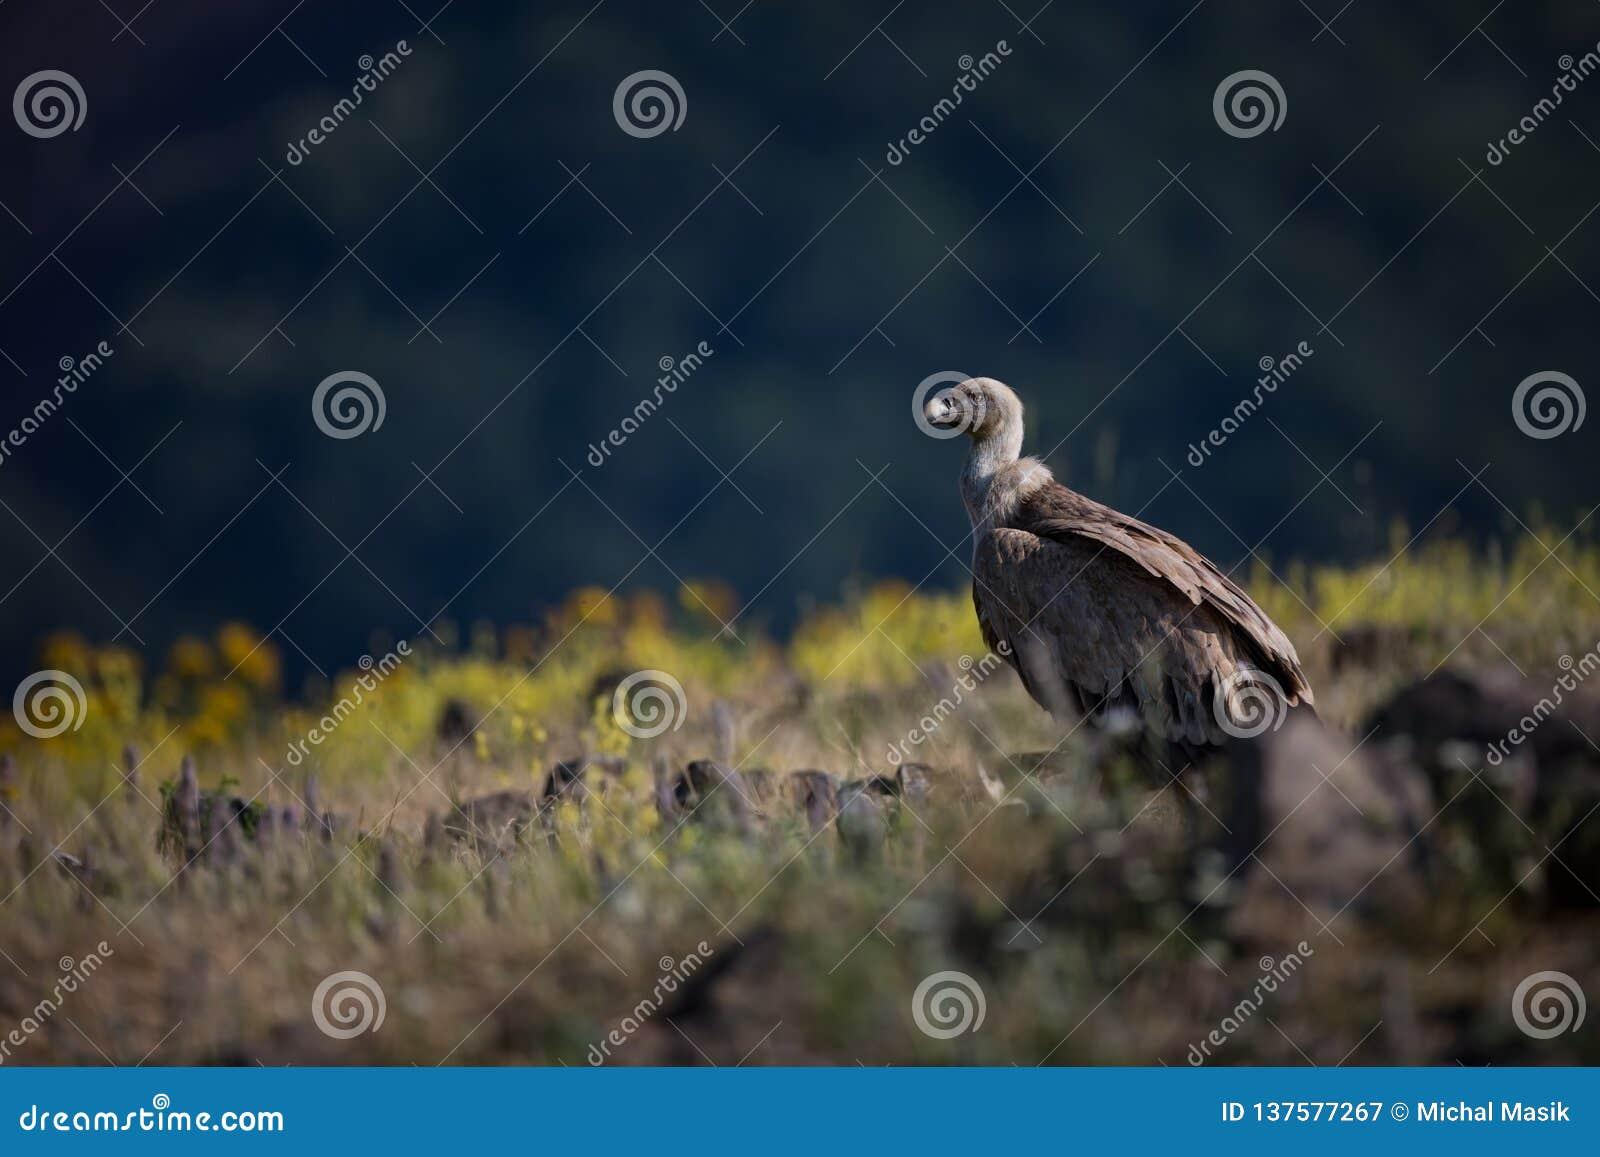 Ptak fulvus gyps zdobycz lipetsk Rosji zoo Dzika natura Bułgaria wolna od natury r Rhodopes wielki ptak Góry w Bułgaria e